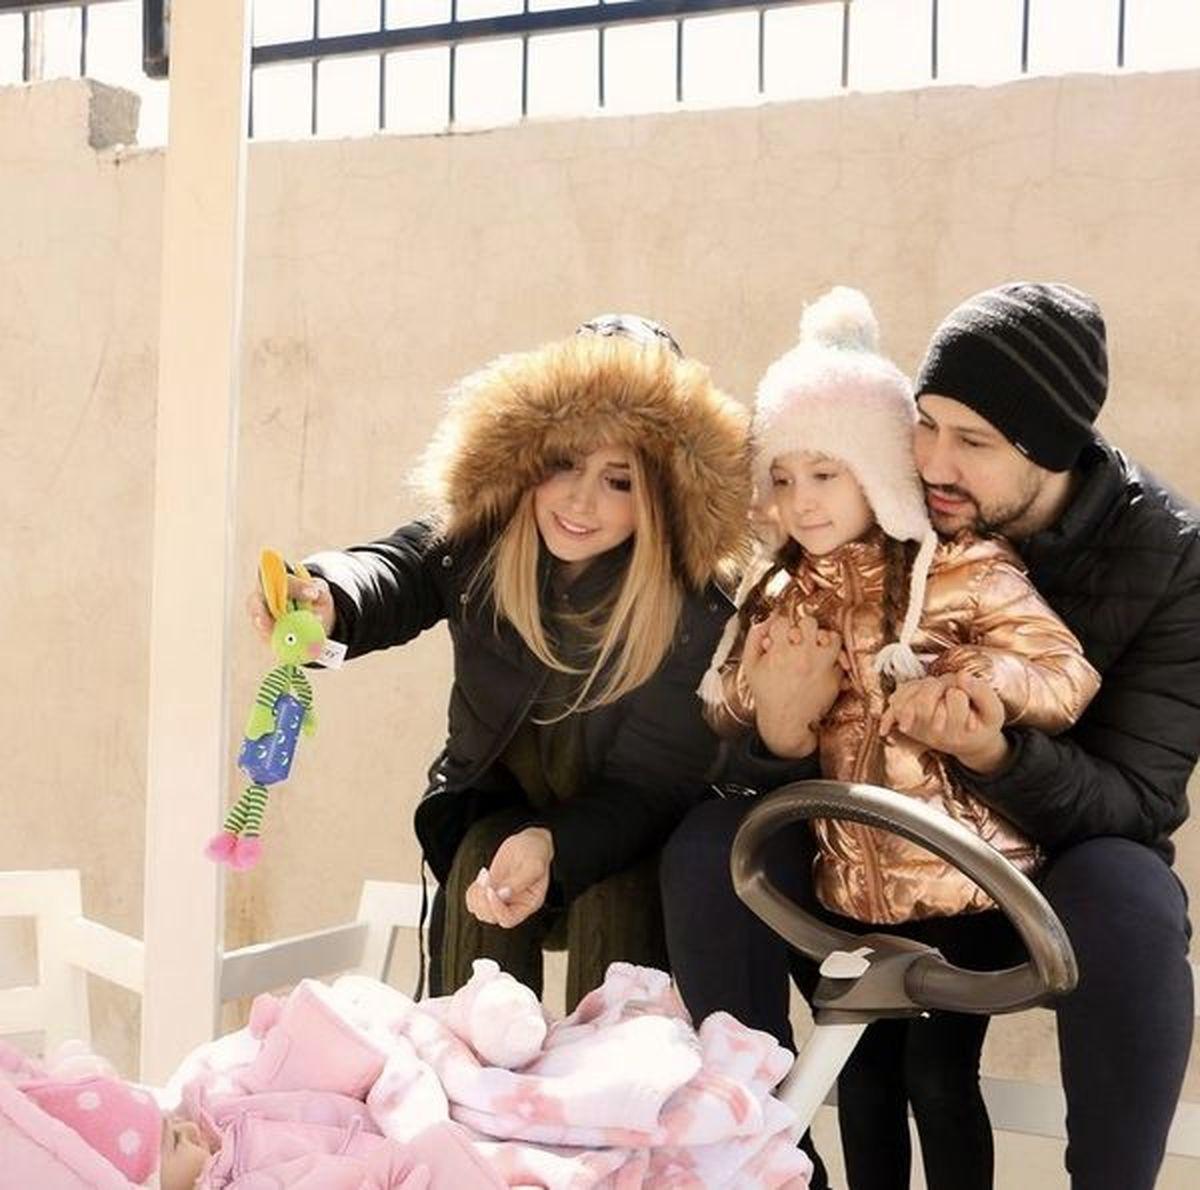 ادامه خوشگذرانی های شاهرخ استخری و همسرش در بلژیک/عکس